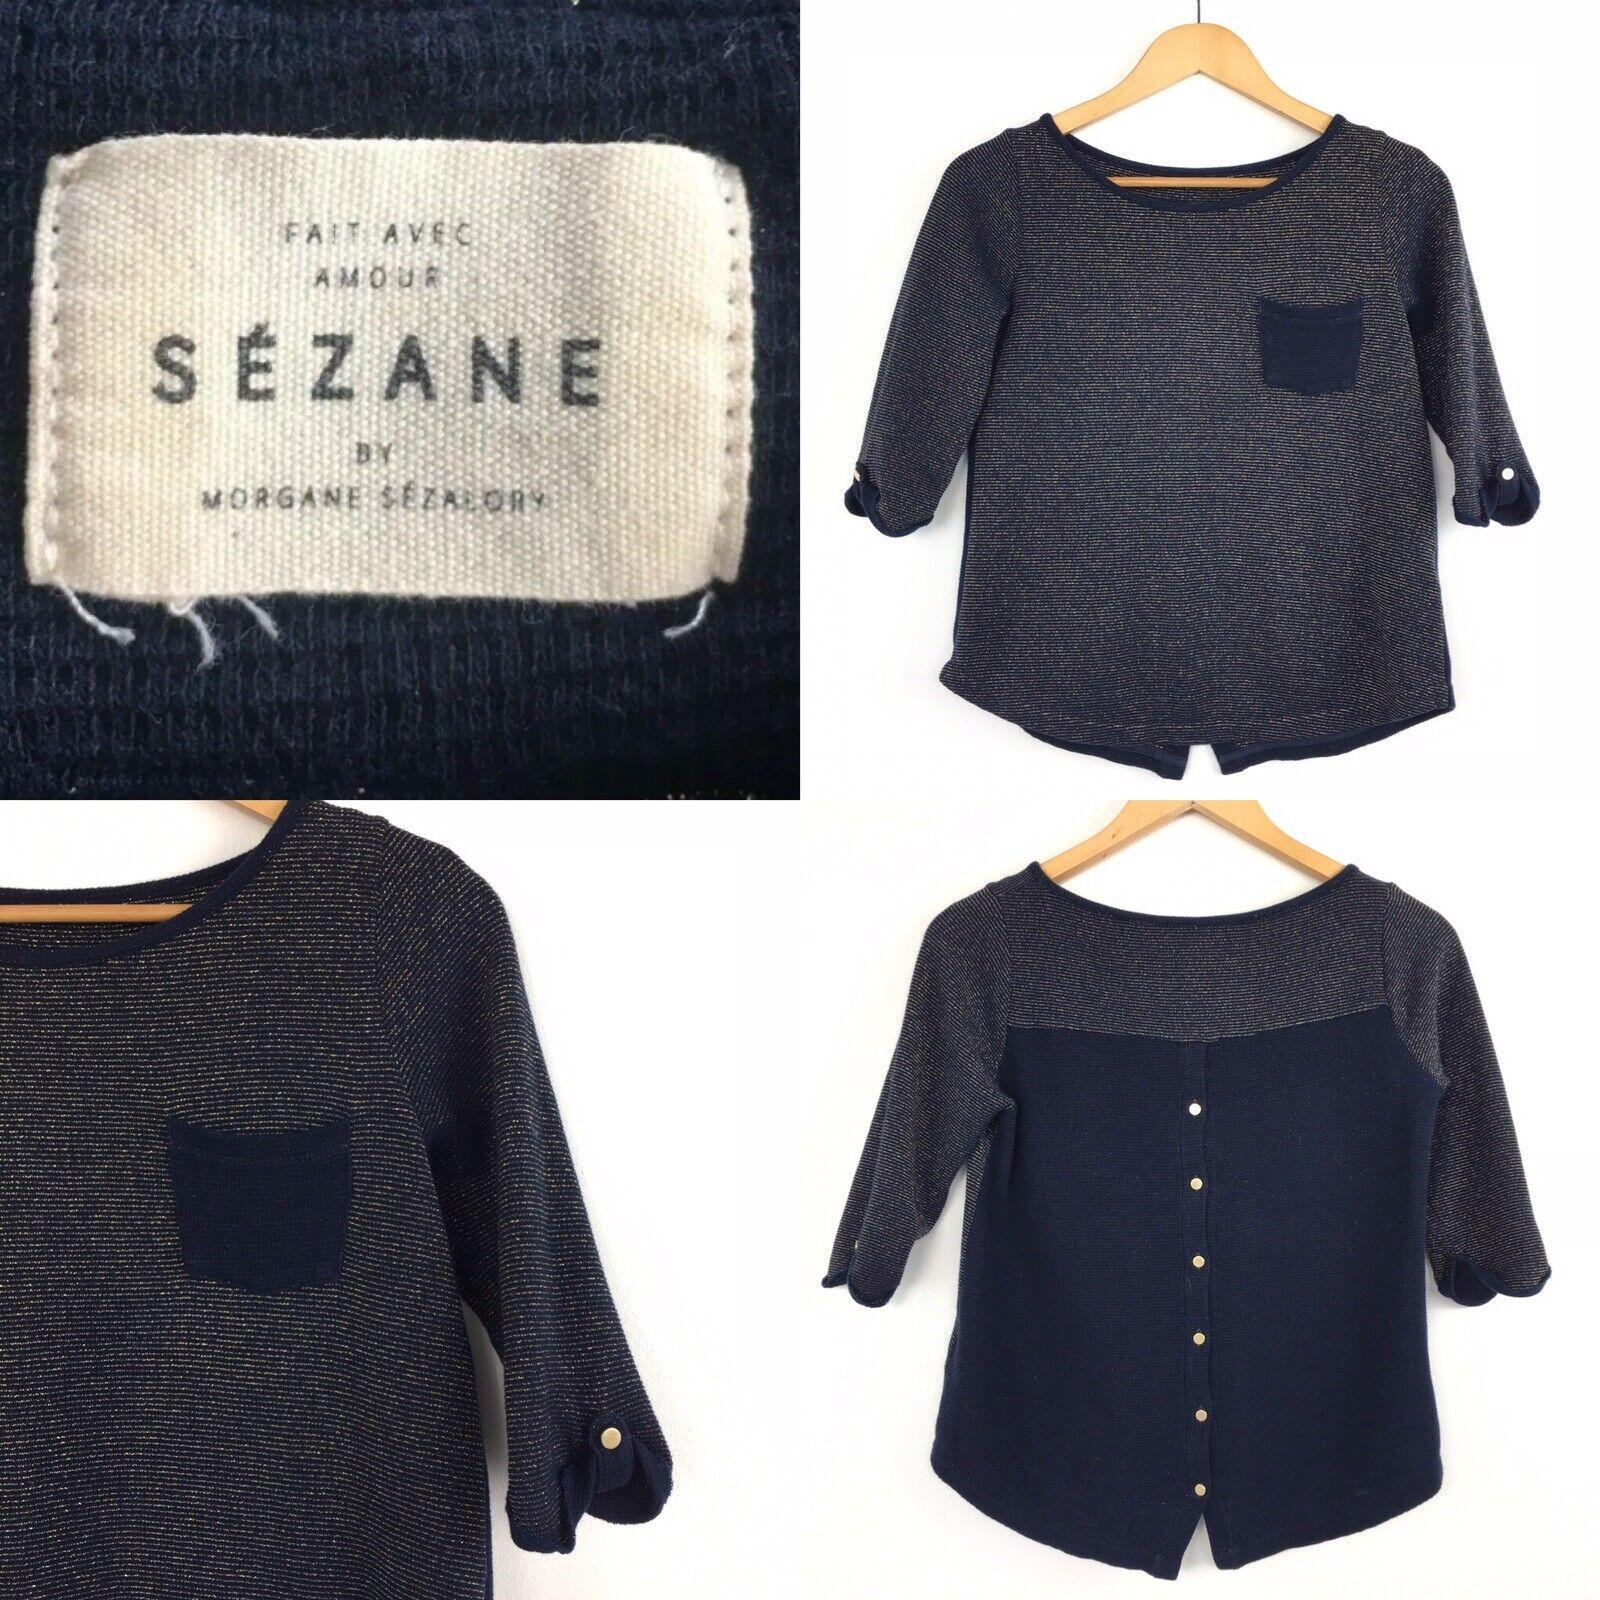 Sézane SEZANE bleu marine or Fil Tricot Pull Blogger Immaculée soldout XS 6